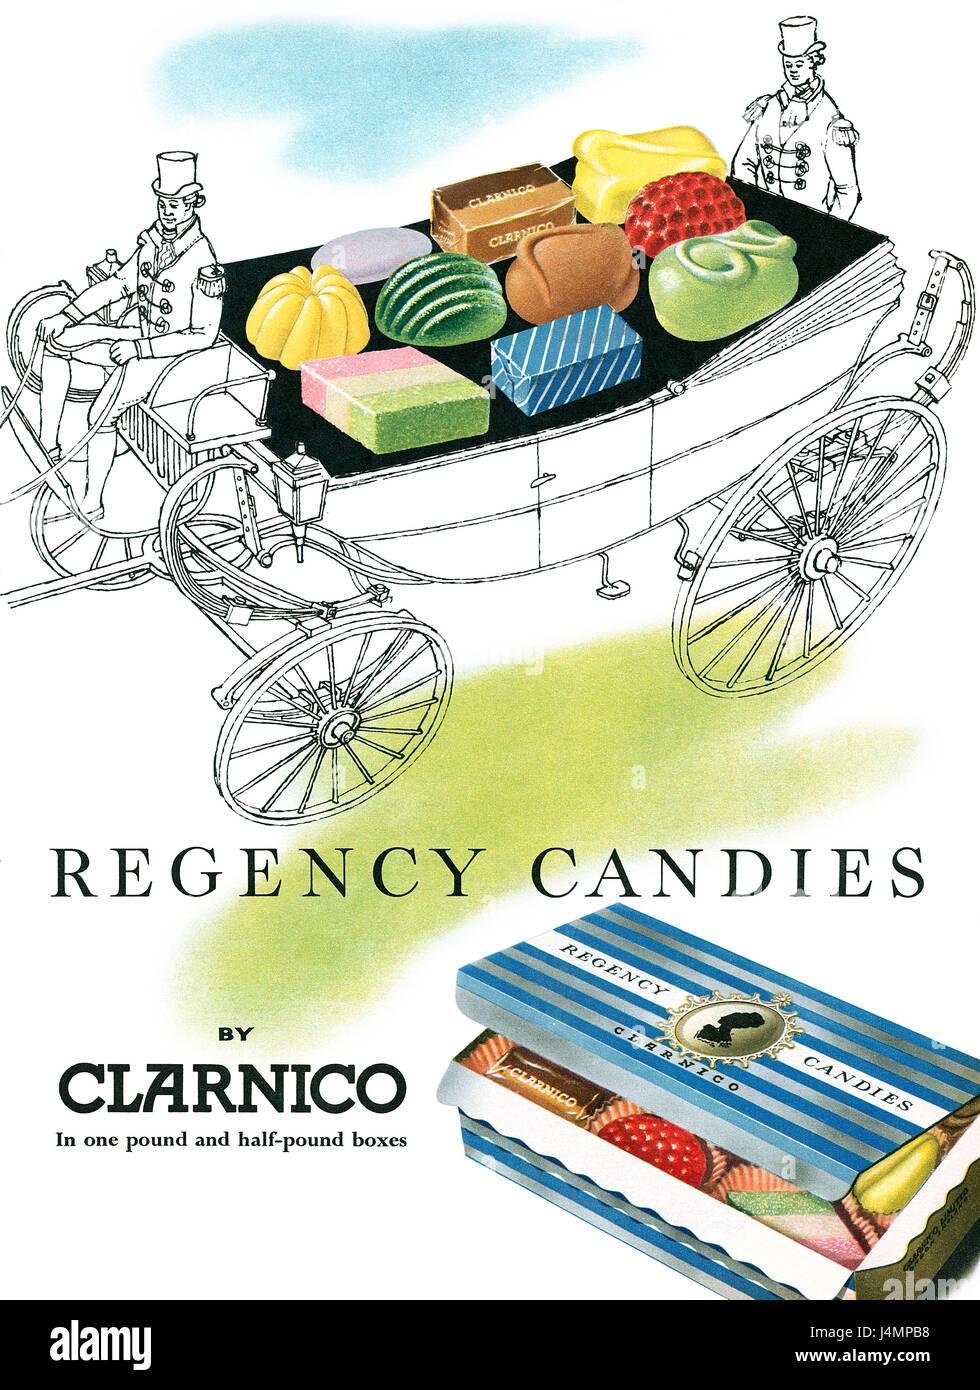 1957 anuncio británico para Clarnico Regency caramelos. Imagen De Stock